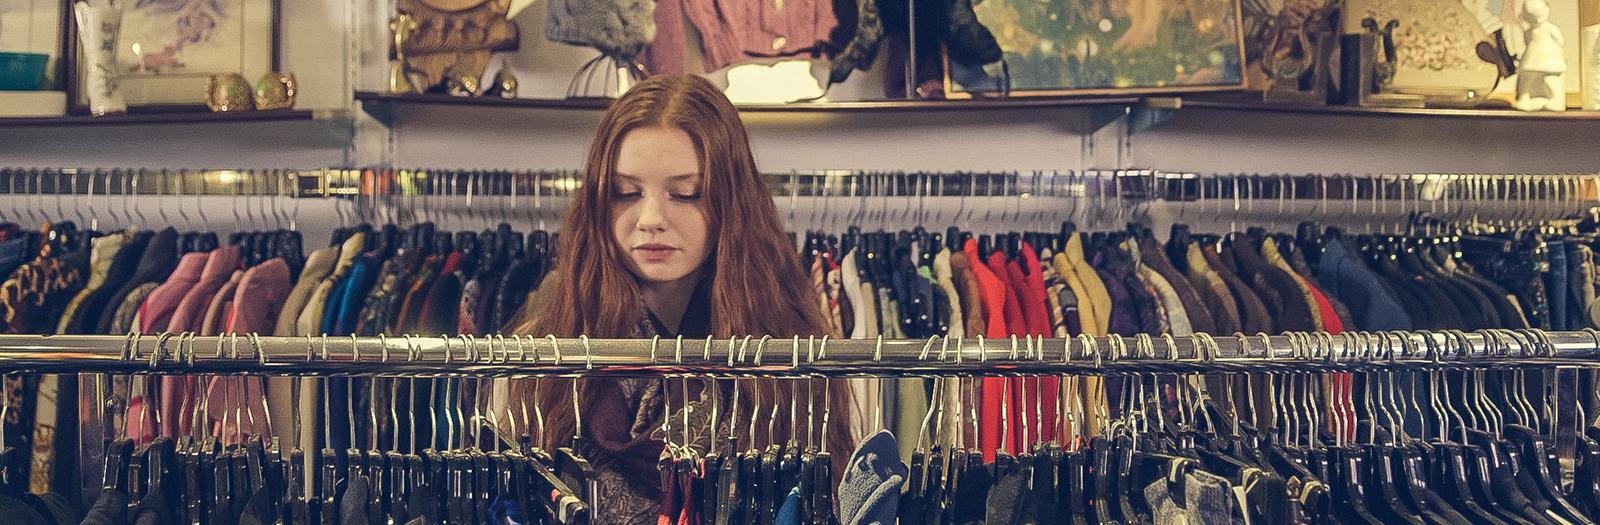 woman browsing through clothes